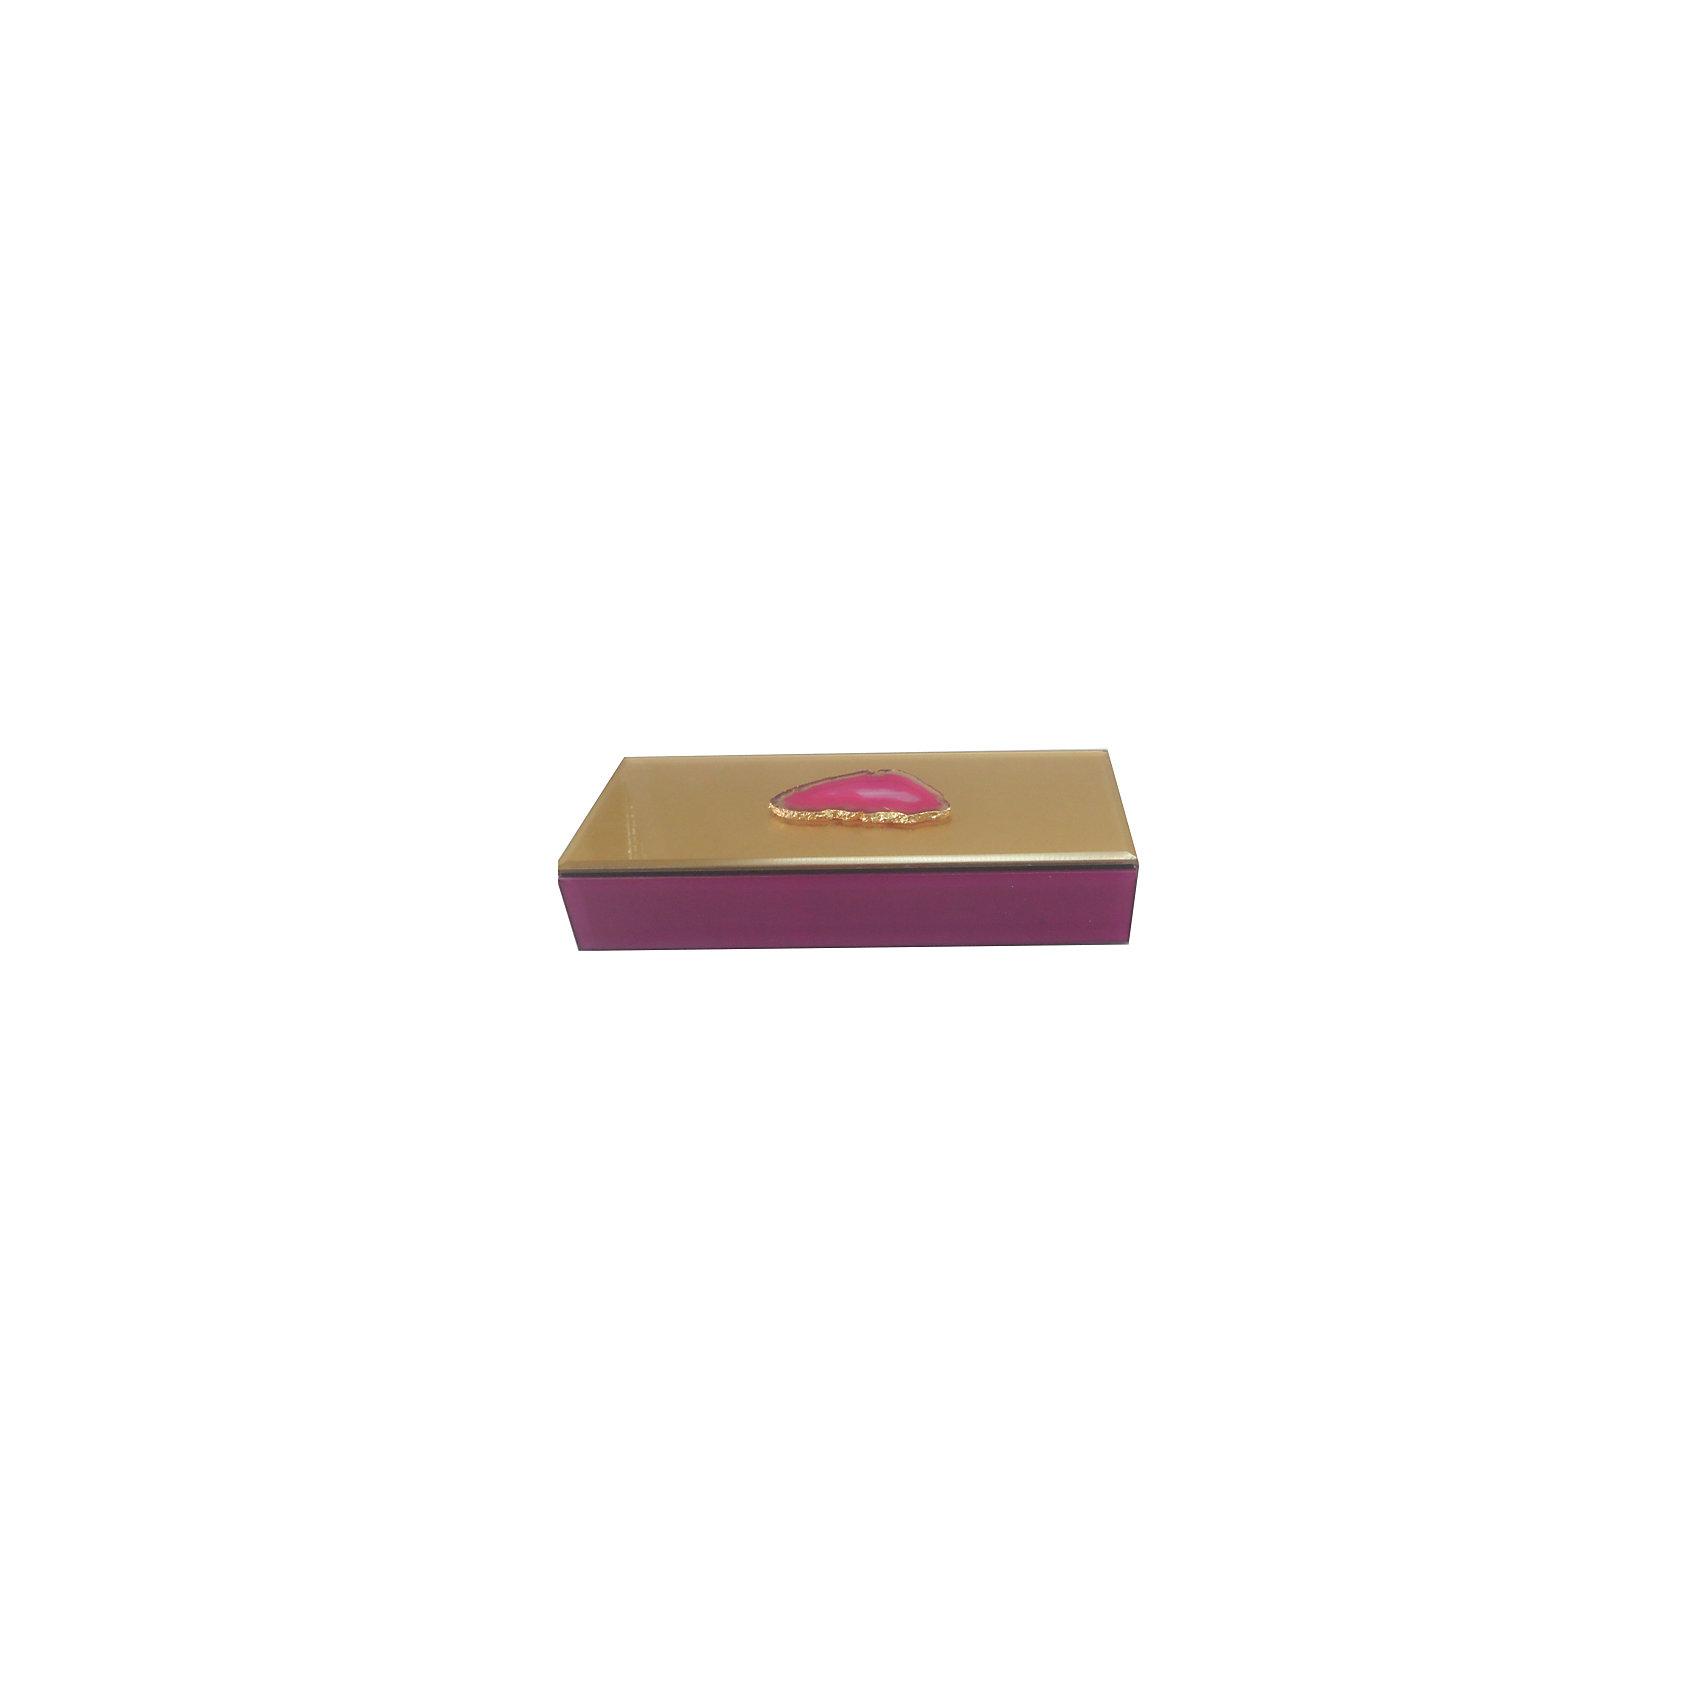 Шкатулка Розовый агат из стекла для мелочей, Феникс-ПрезентПредметы интерьера<br>Шкатулка Розовый агат из стекла для мелочей, Феникс-Презент<br><br>Характеристики:<br><br>• расцветка под агат<br>• размер: 24,5х9,5х4,5 см<br>• материал: стекло<br><br>Шкатулка Розовый агат украсит интерьер комнаты и позволит вам хранить различные мелочи и безделушки в одном месте. Шкатулка надежно закрывается крышкой. Приятная расцветка шкатулки всегда будет радовать глаз!<br><br>Шкатулку Розовый агат из стекла для мелочей, Феникс-Презент можно купить в нашем интернет-магазине.<br><br>Ширина мм: 245<br>Глубина мм: 95<br>Высота мм: 45<br>Вес г: 583<br>Возраст от месяцев: 60<br>Возраст до месяцев: 2147483647<br>Пол: Унисекс<br>Возраст: Детский<br>SKU: 5449775